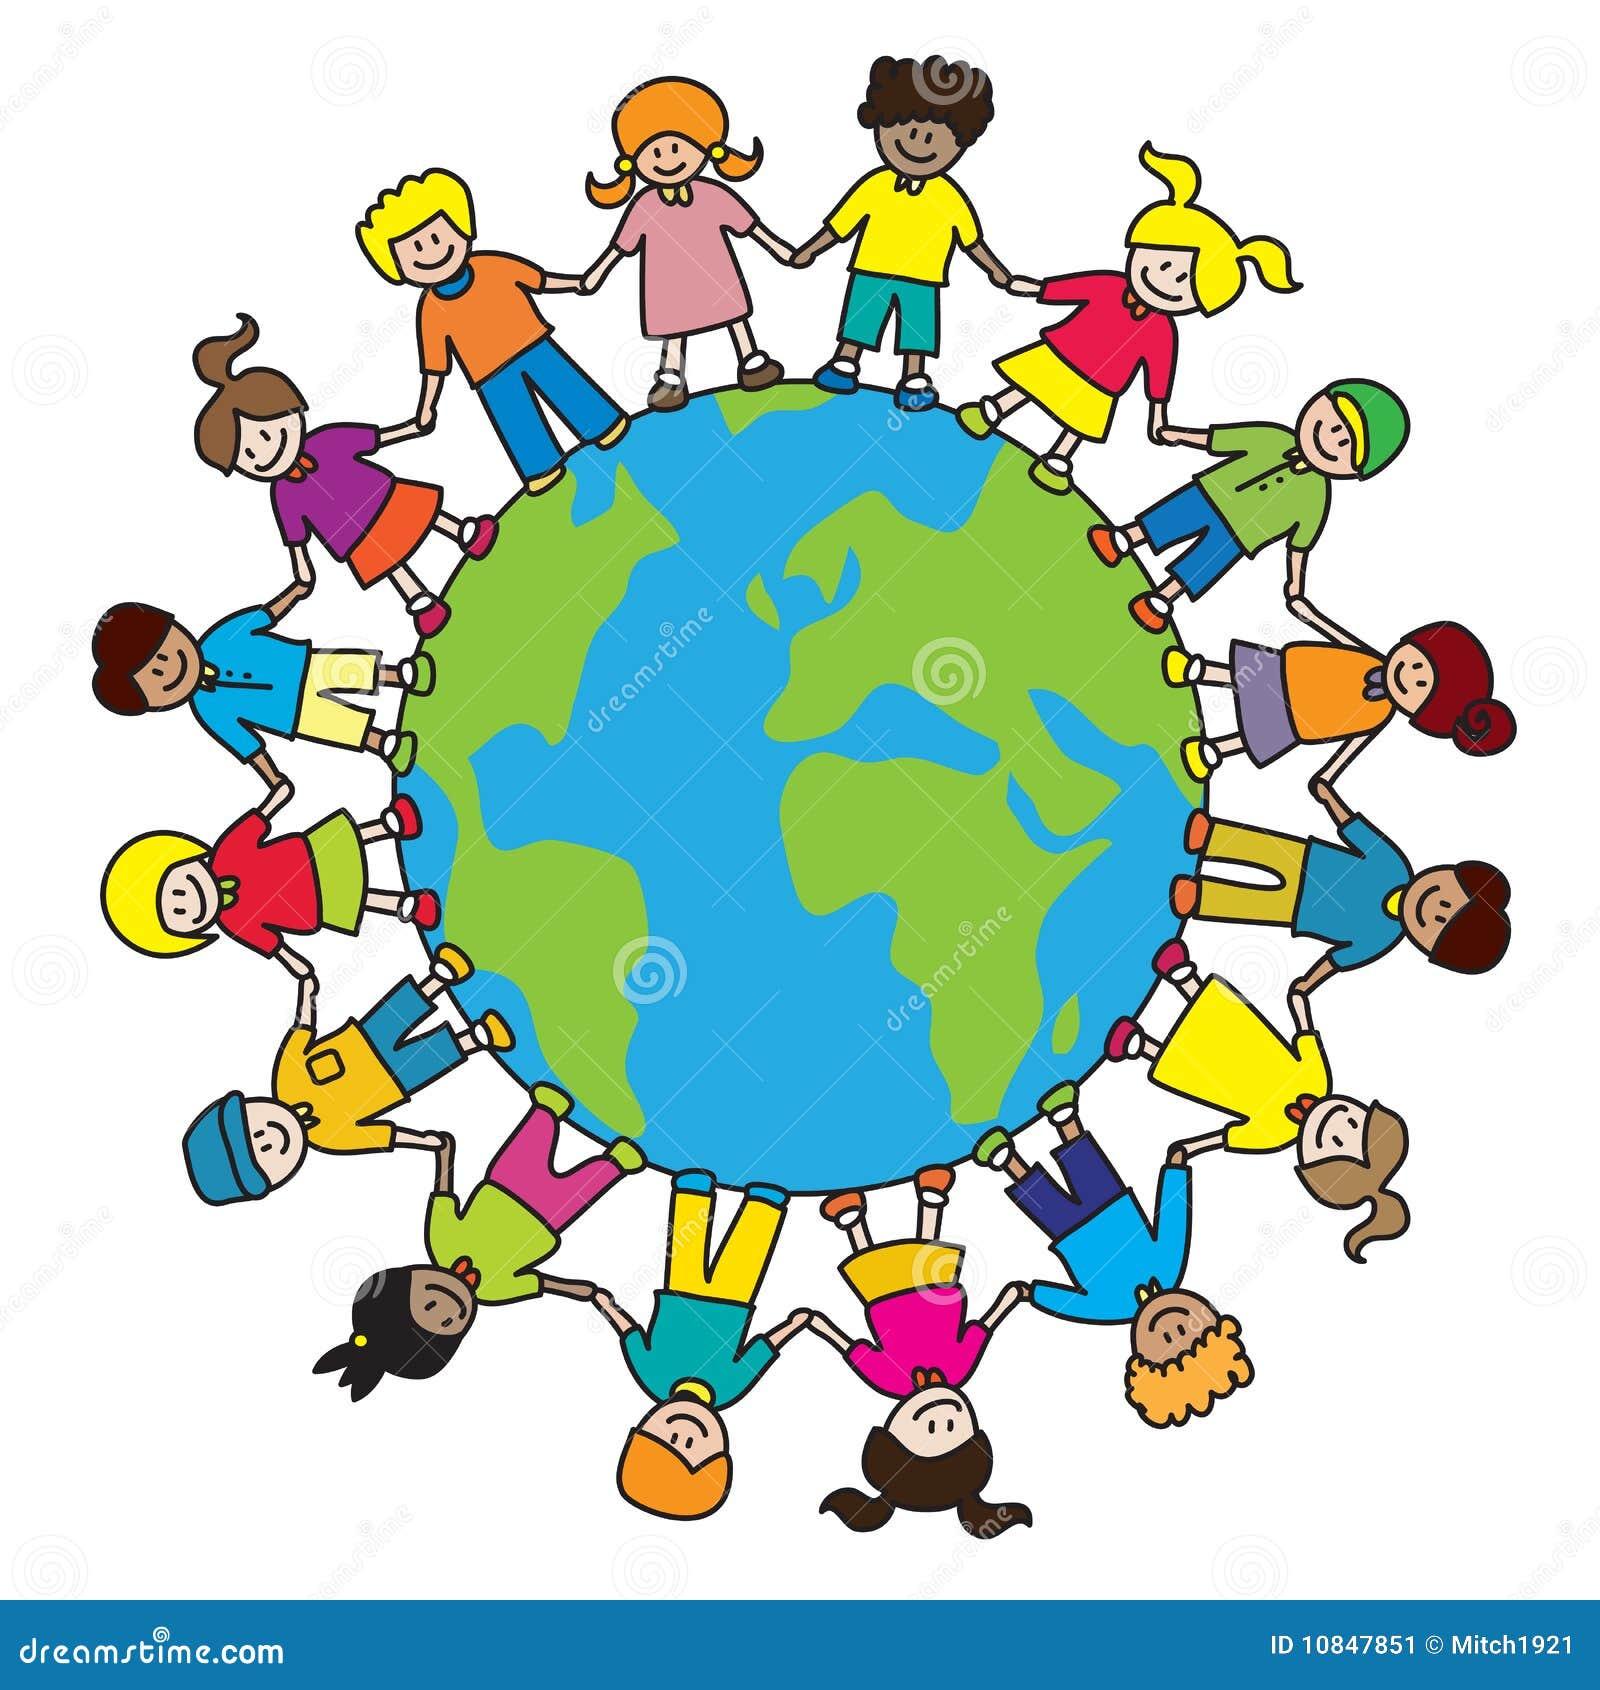 Children kids diversit...